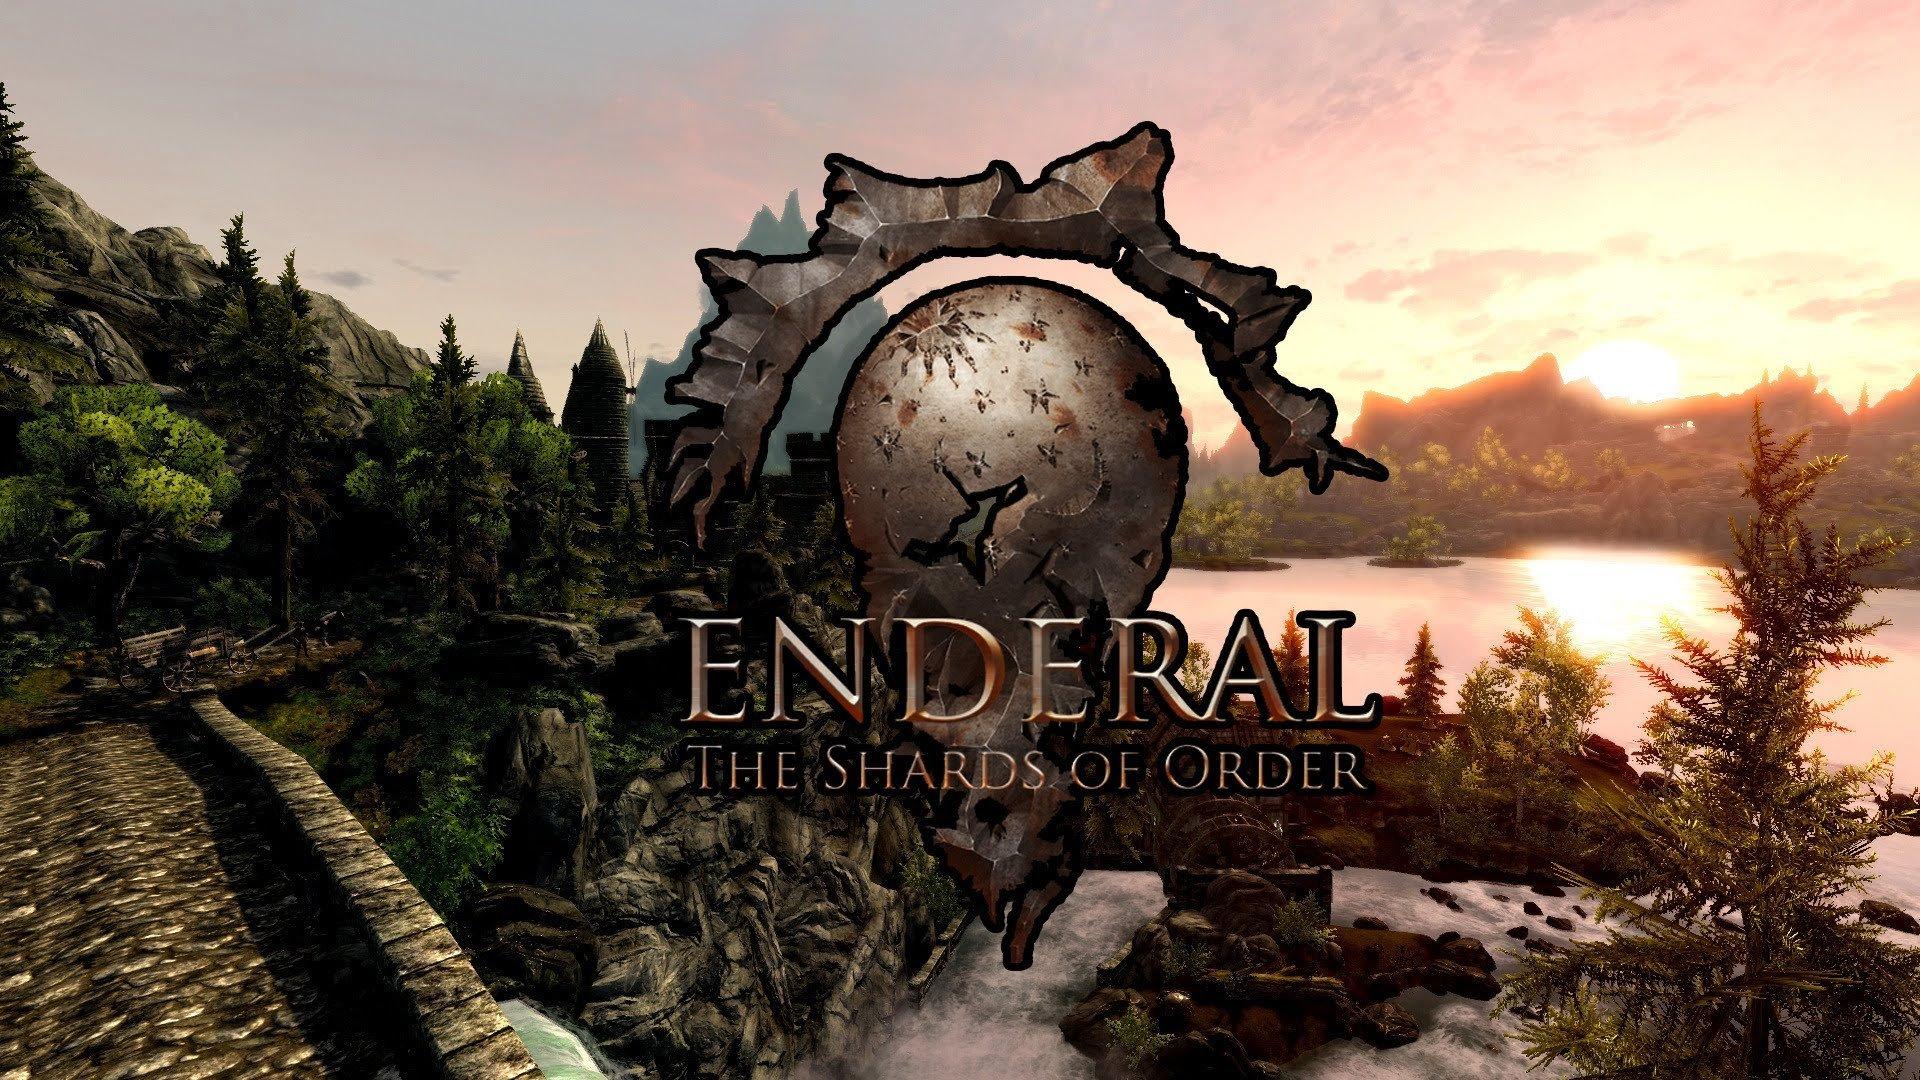 Enderal в открытом доступе. - Изображение 1